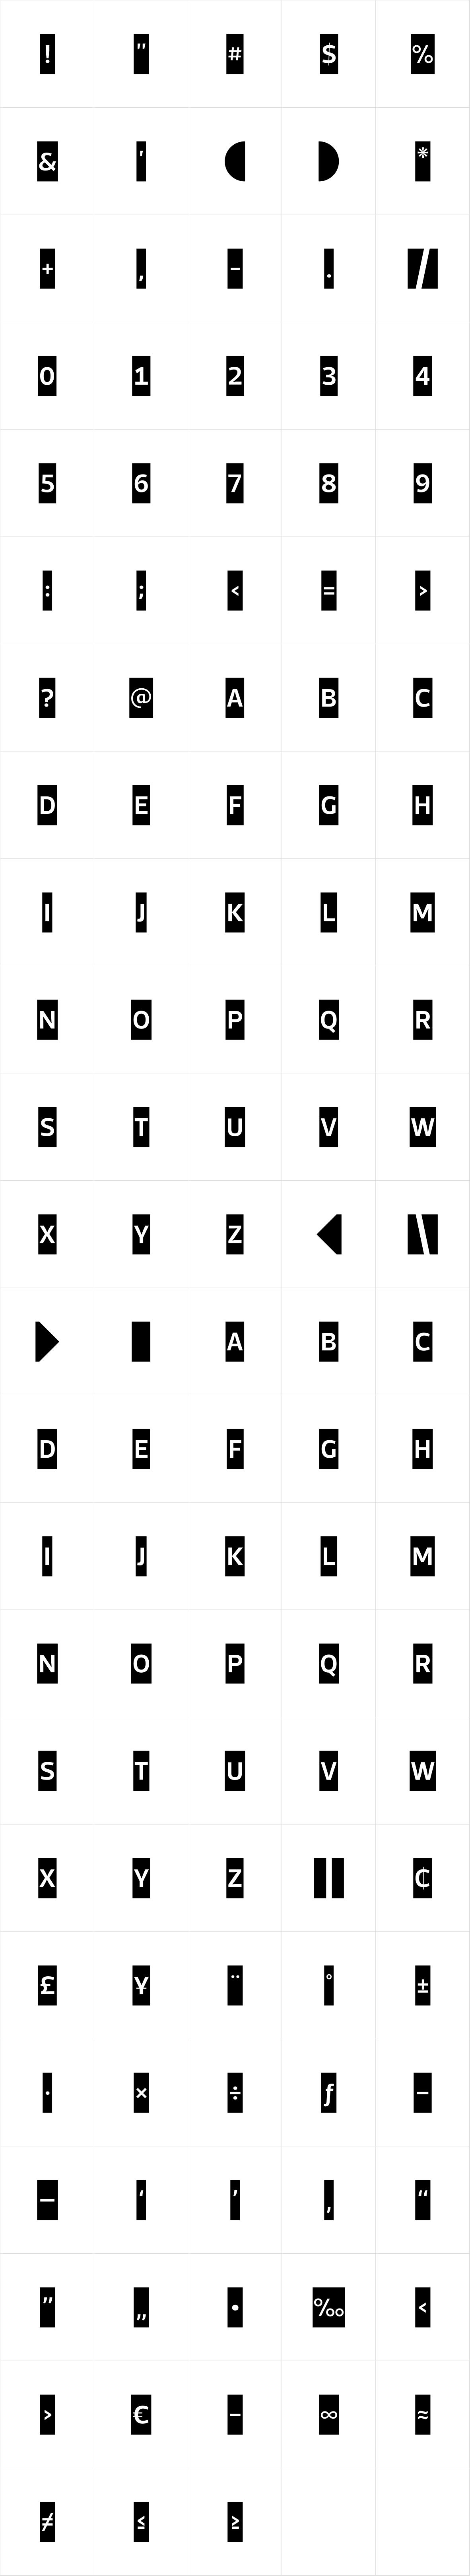 Acta Symbols Labels